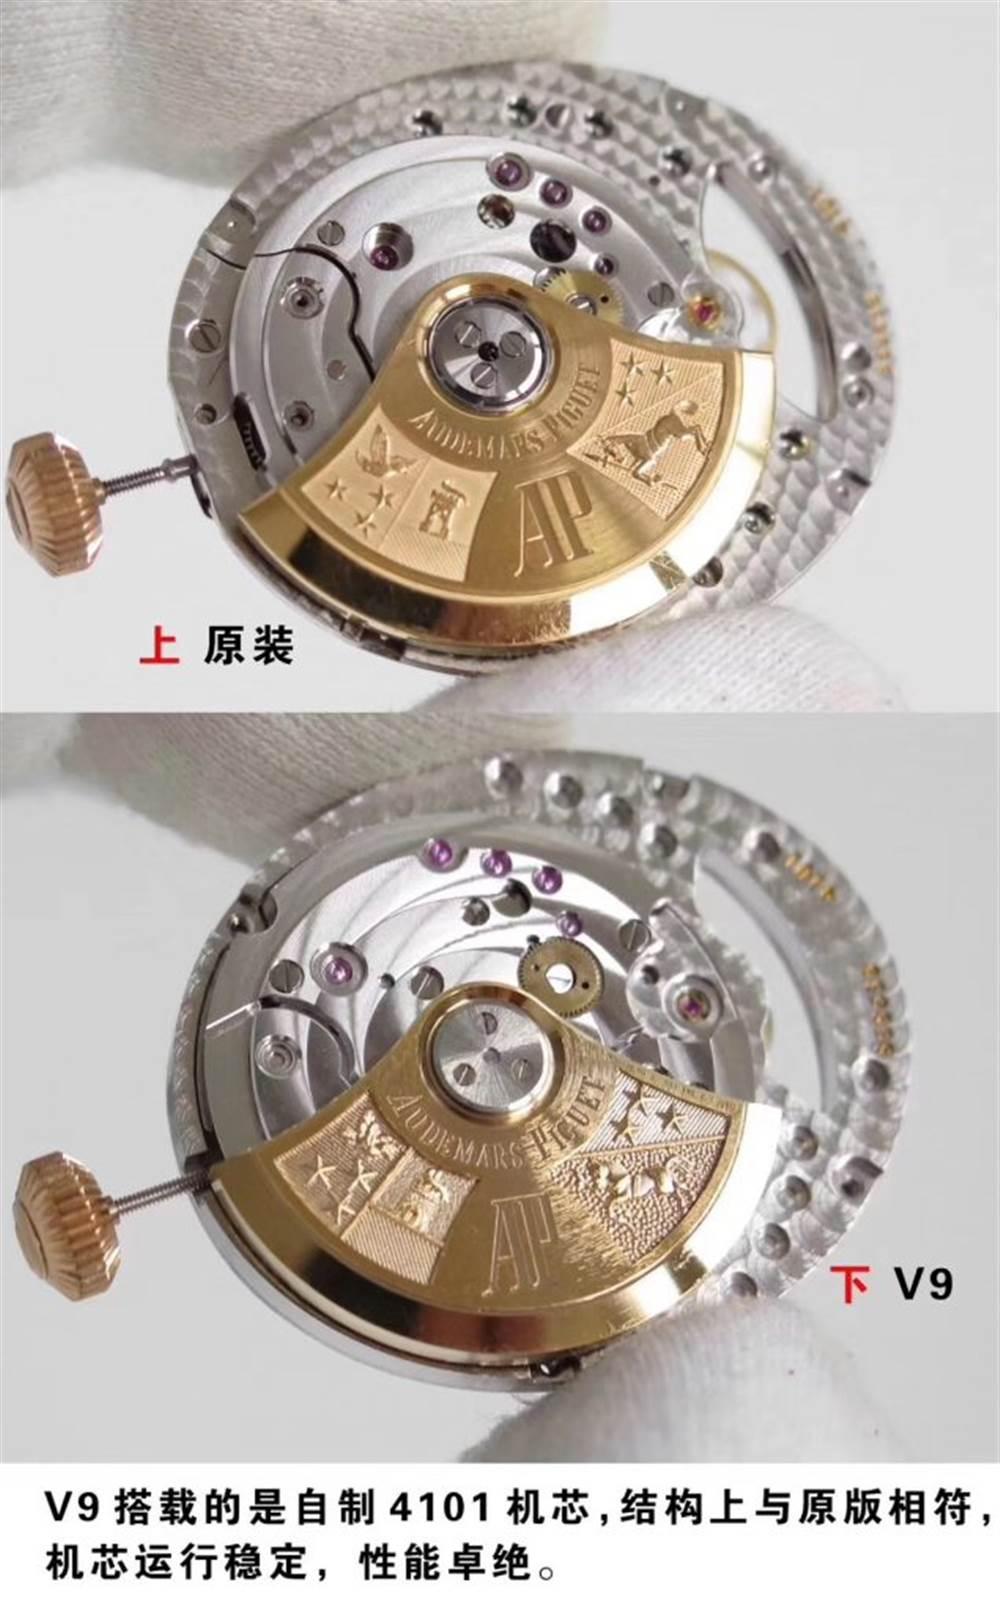 v9厂爱彼千禧系列全面剖析-一款经典与另类的腕表 第8张